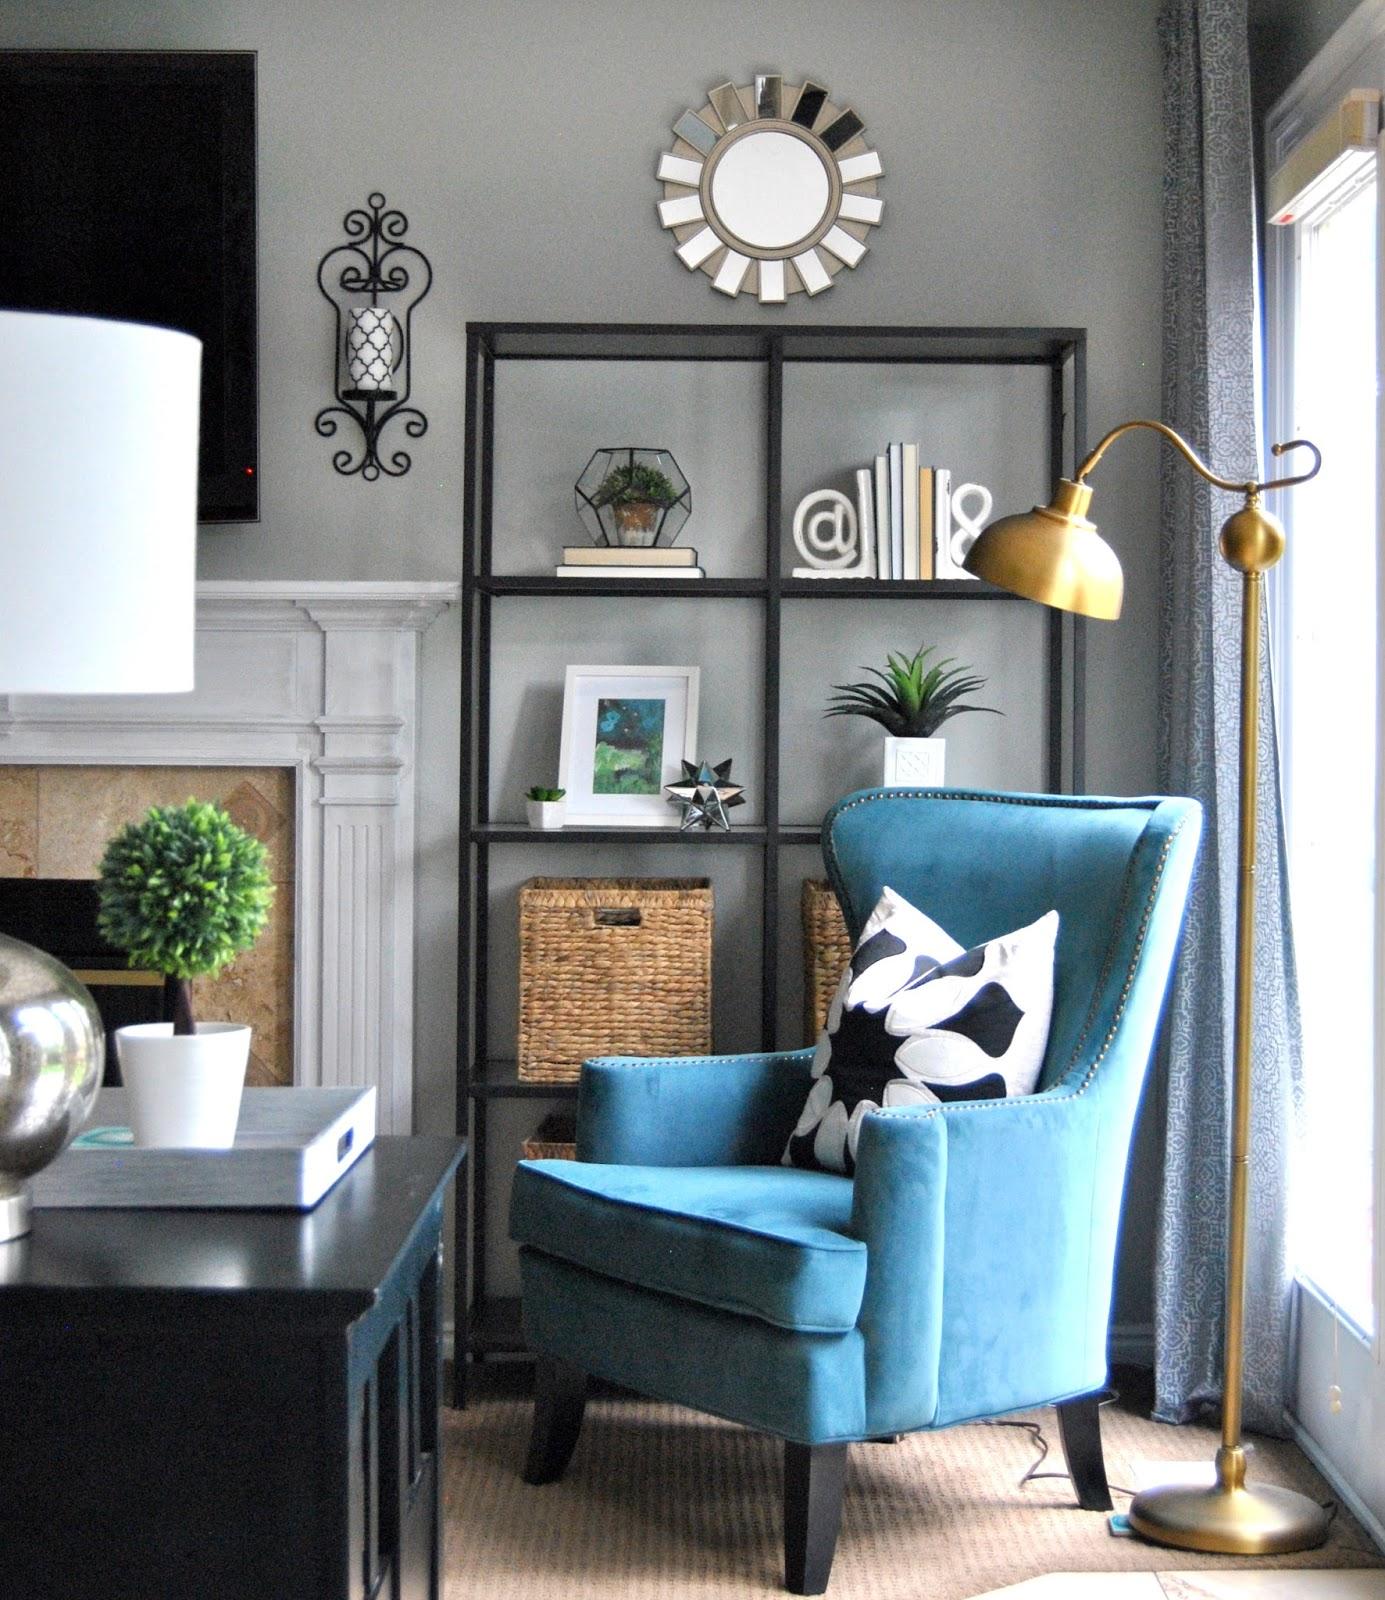 Studio 7 Interior Design: Shop These Rooms...